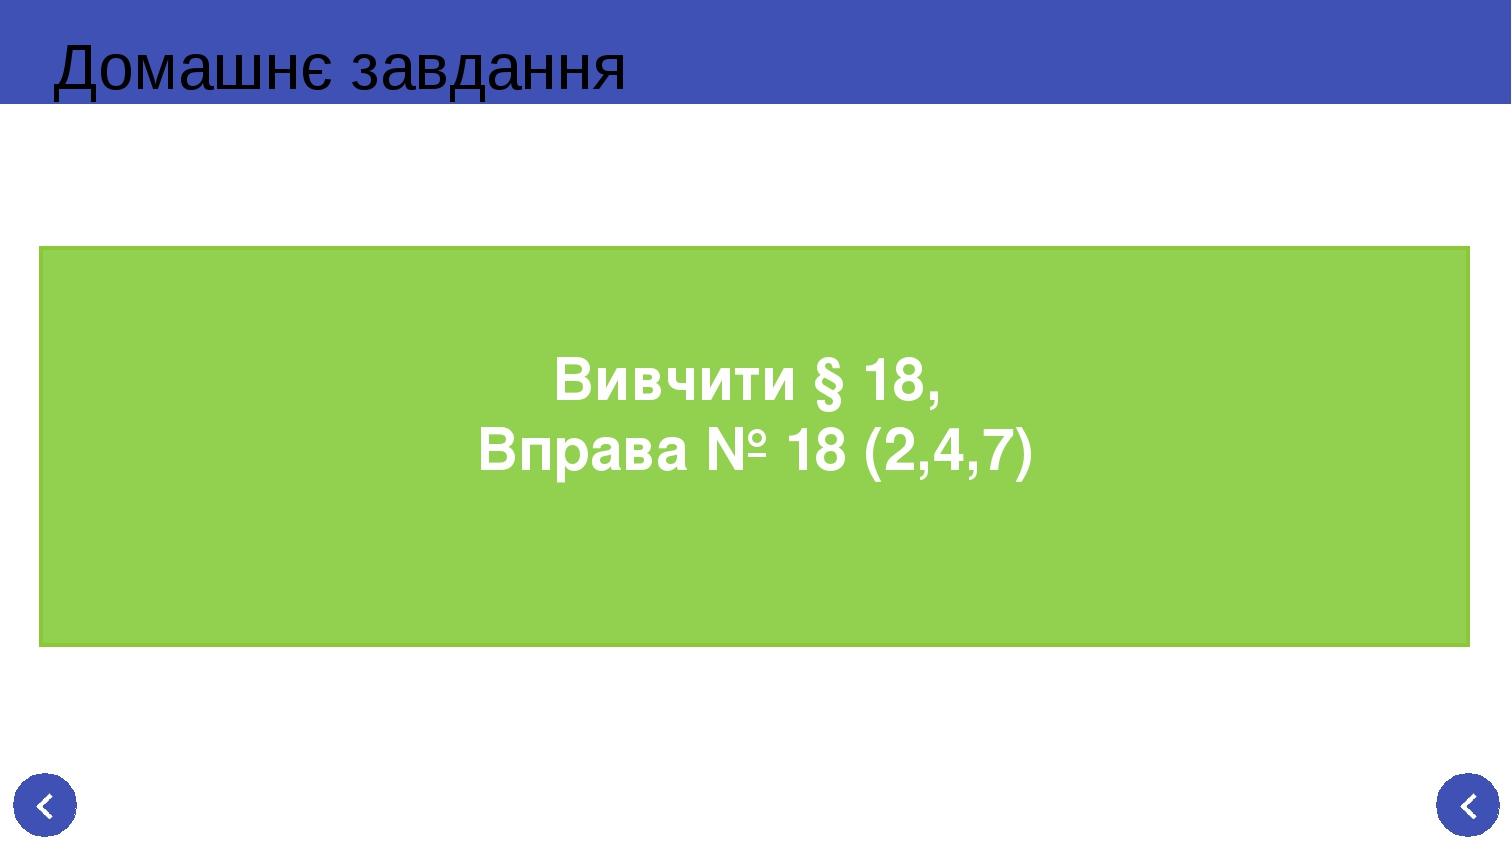 Вивчити § 18, Вправа № 18 (2,4,7) Домашнє завдання